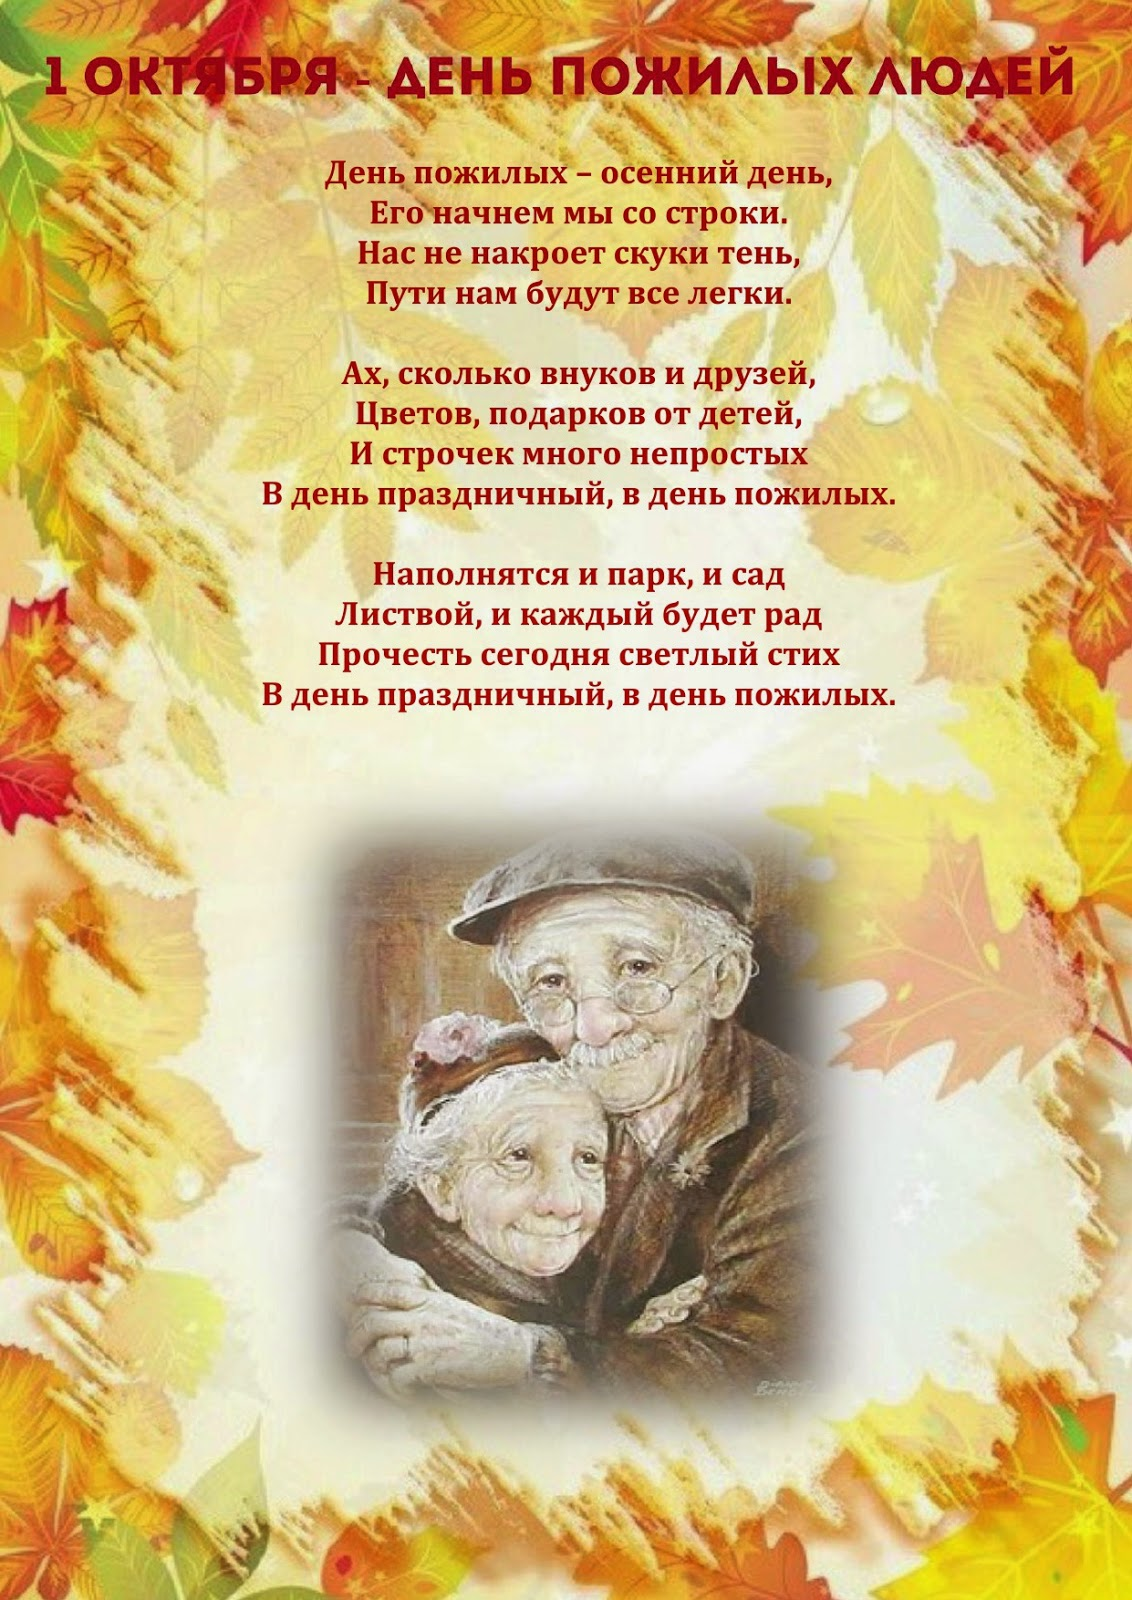 Поздравления на день пожилого человека четверостишья 172